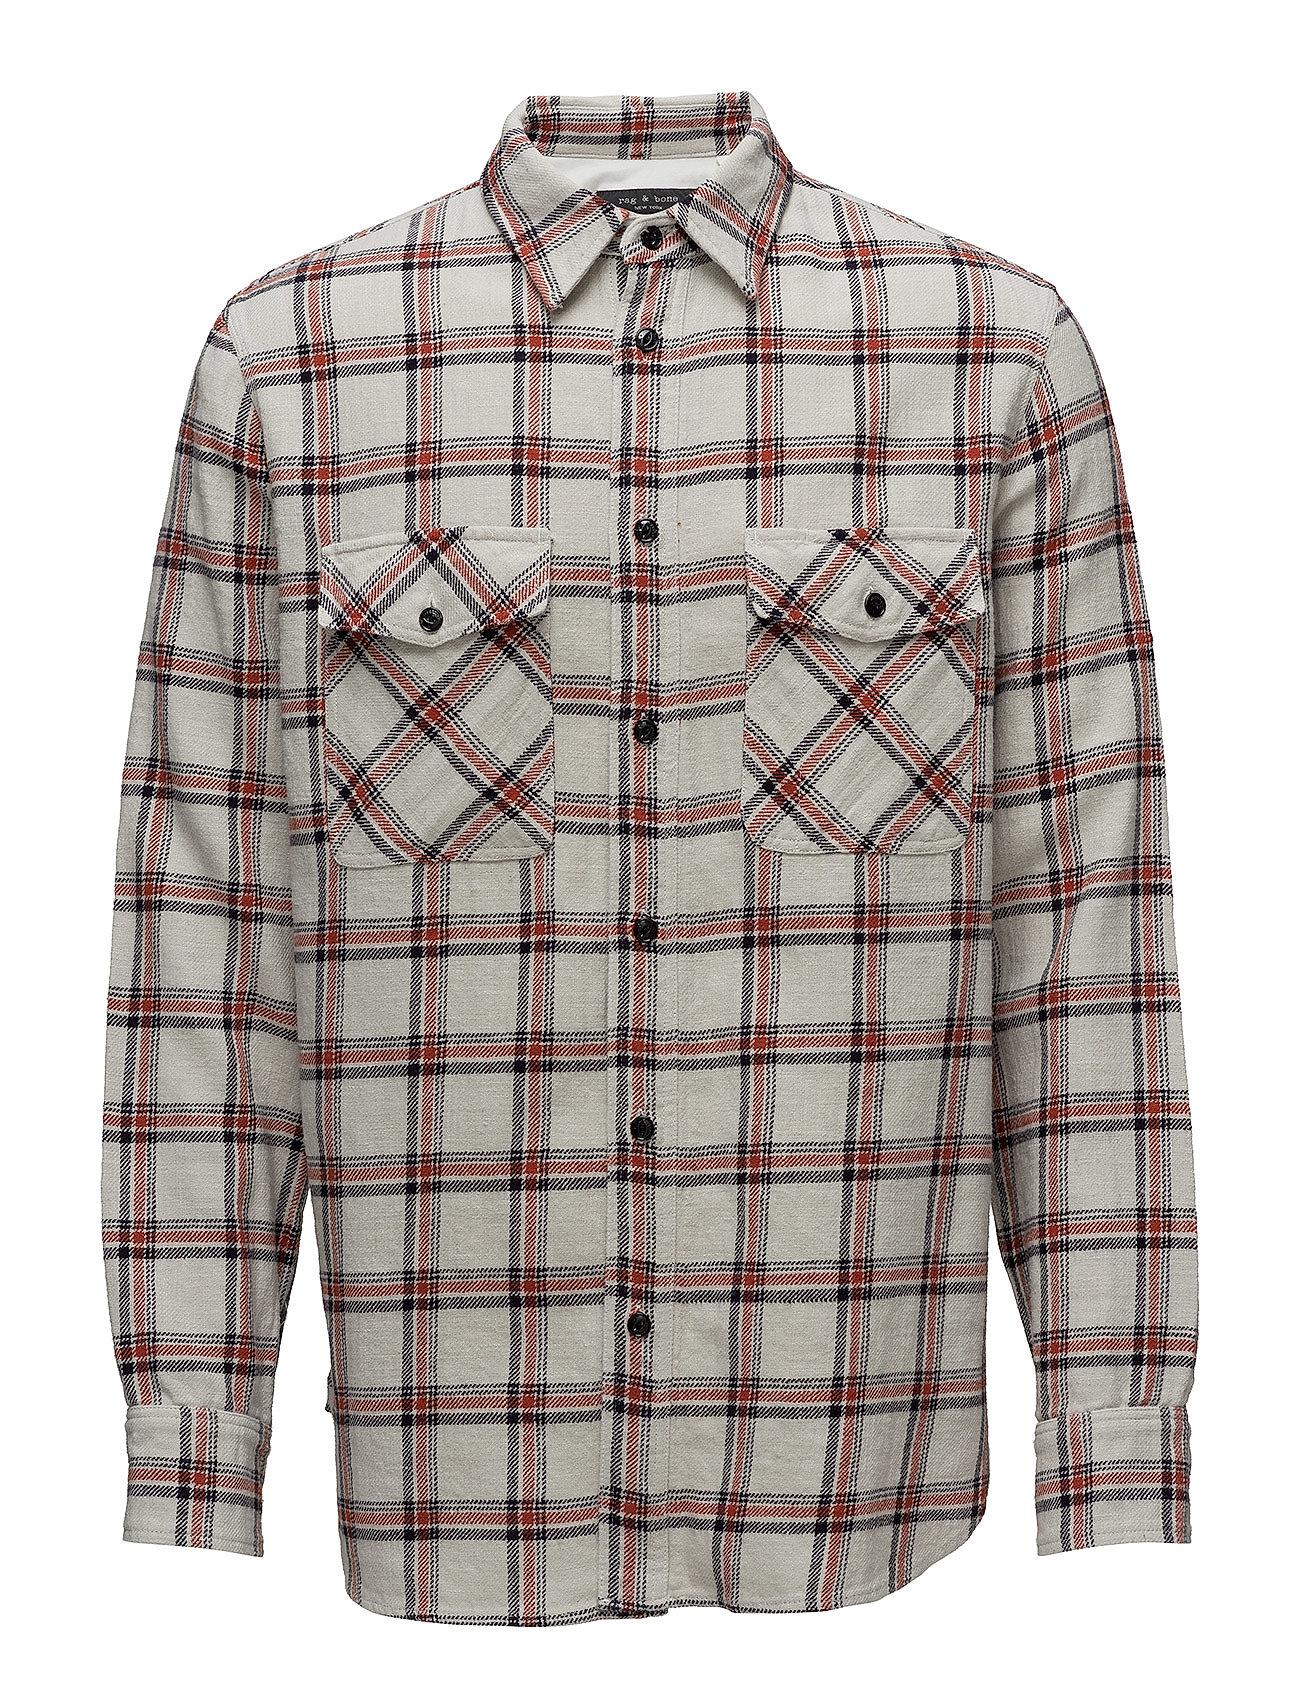 Image of Jack Shirt (3011857777)